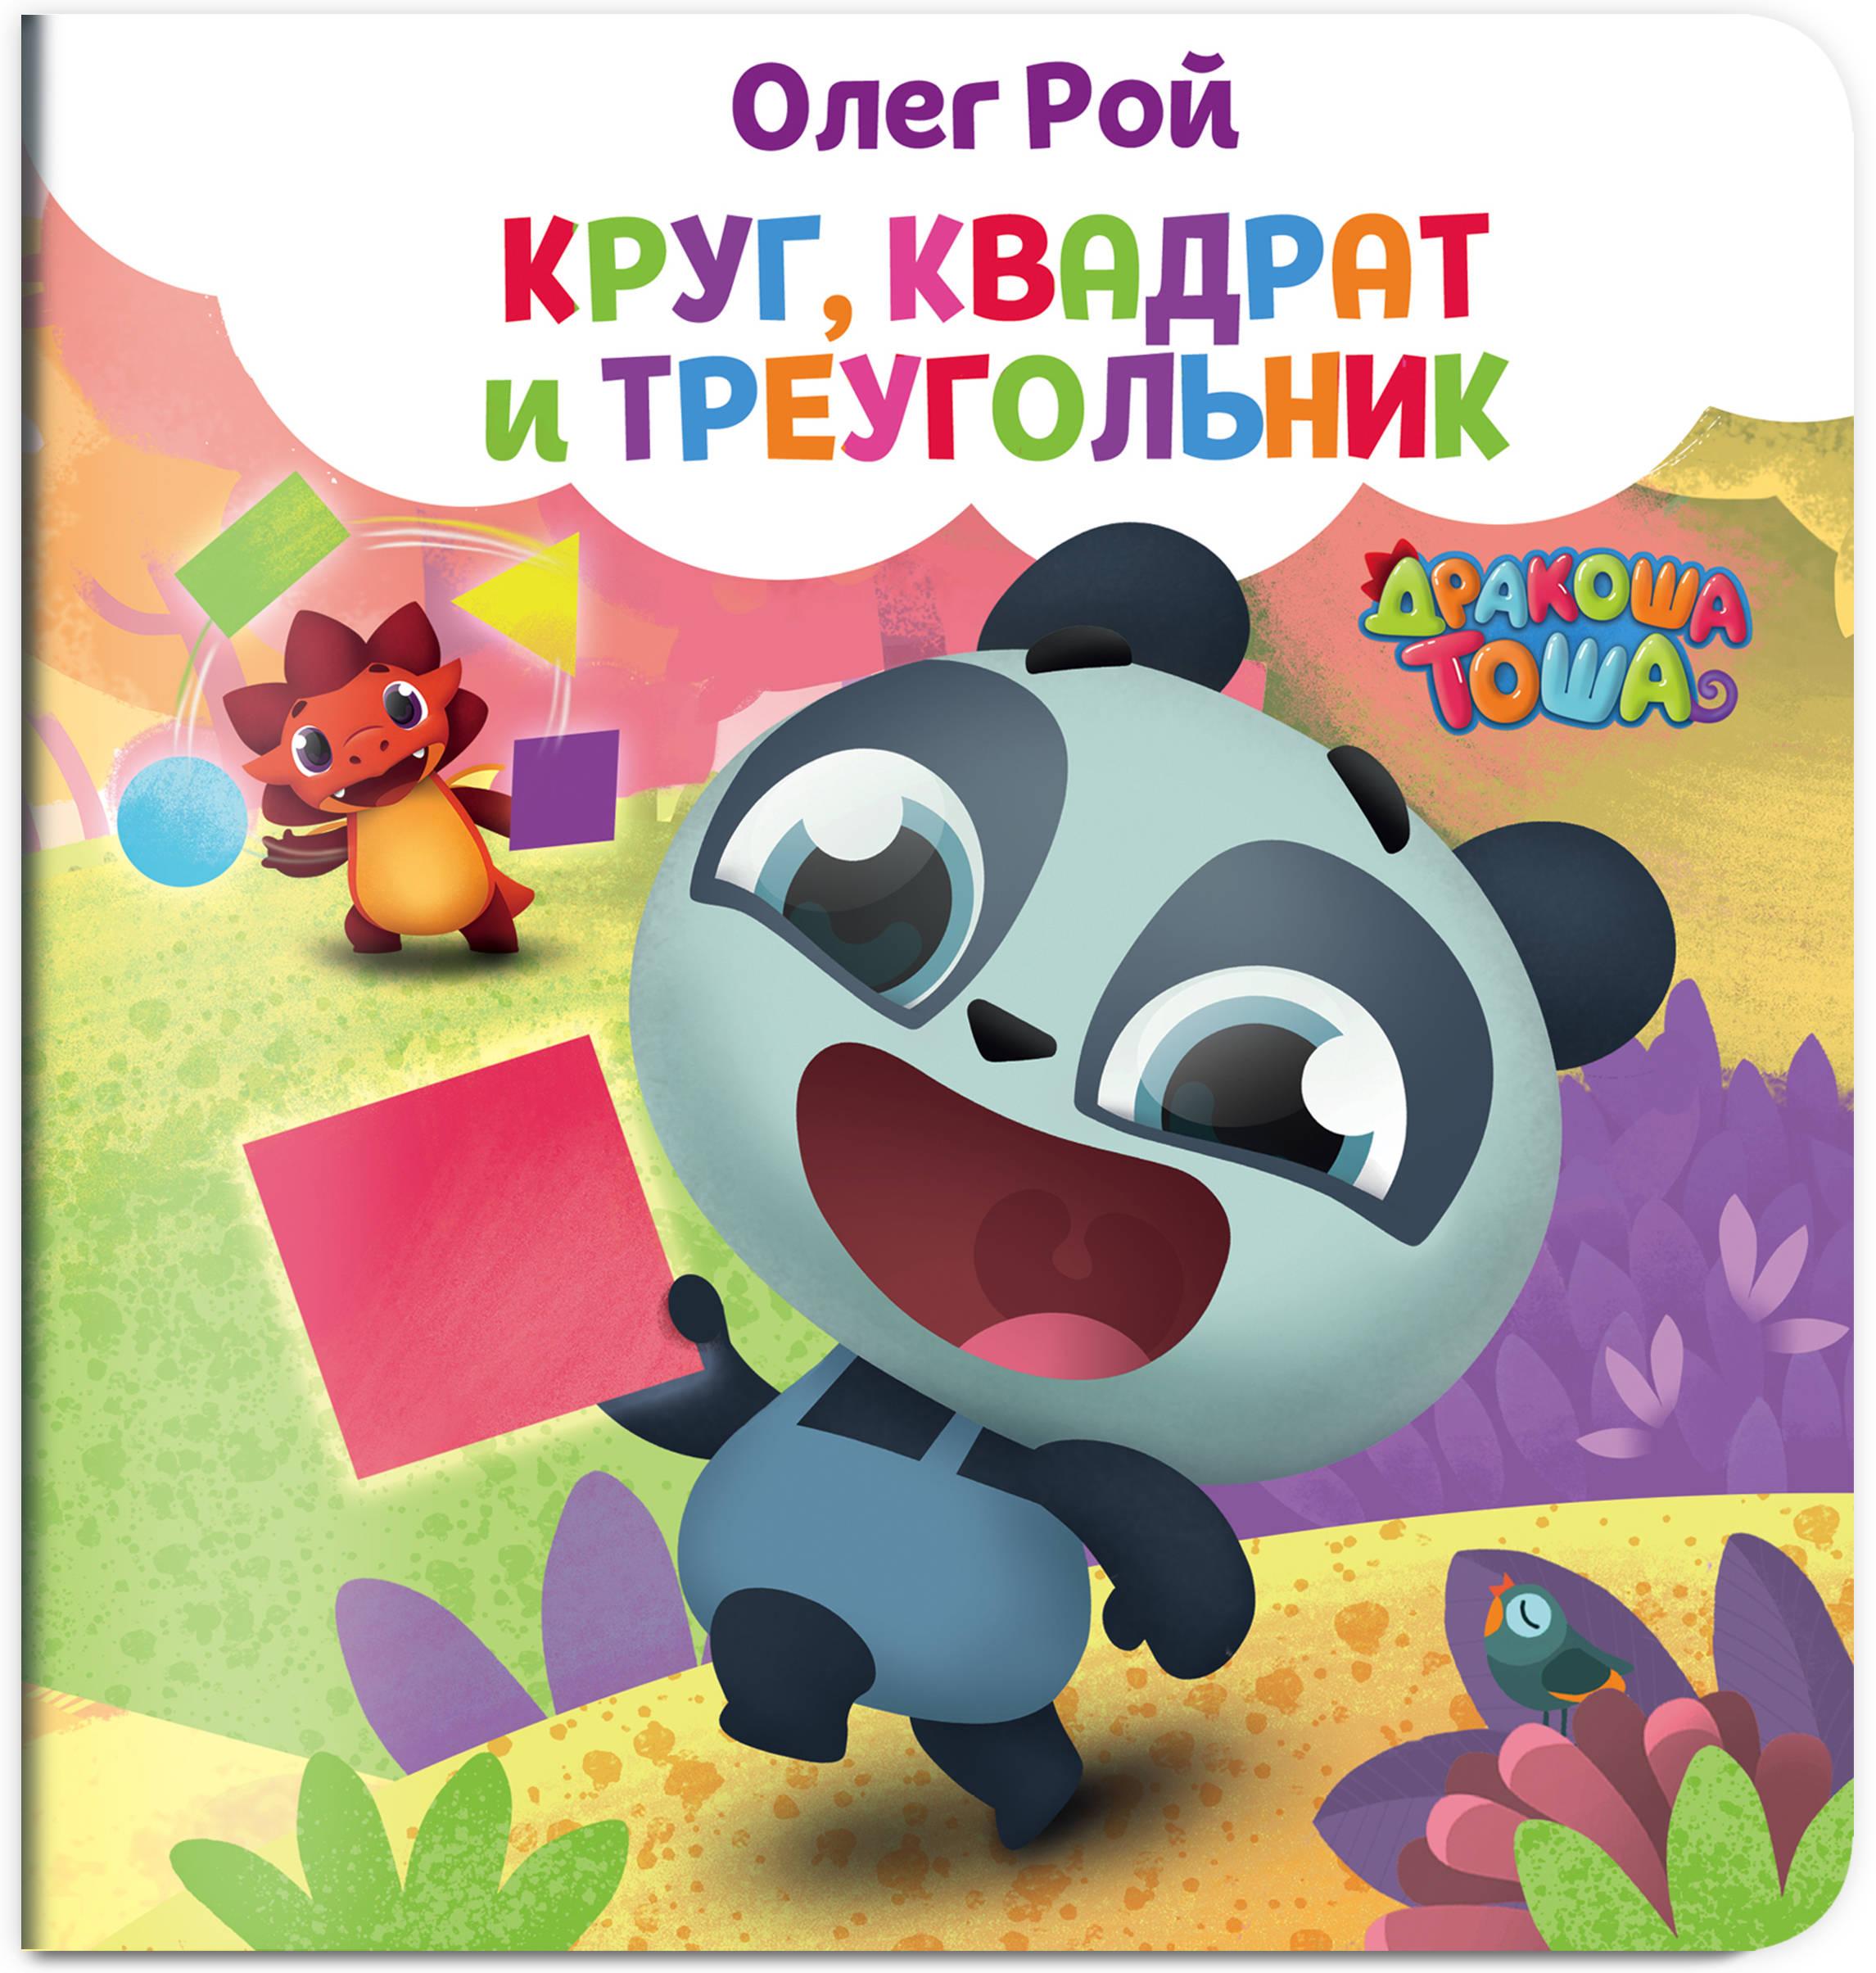 Олег Рой Круг, квадрат и треугольник рой о круг квадрат и треугольник